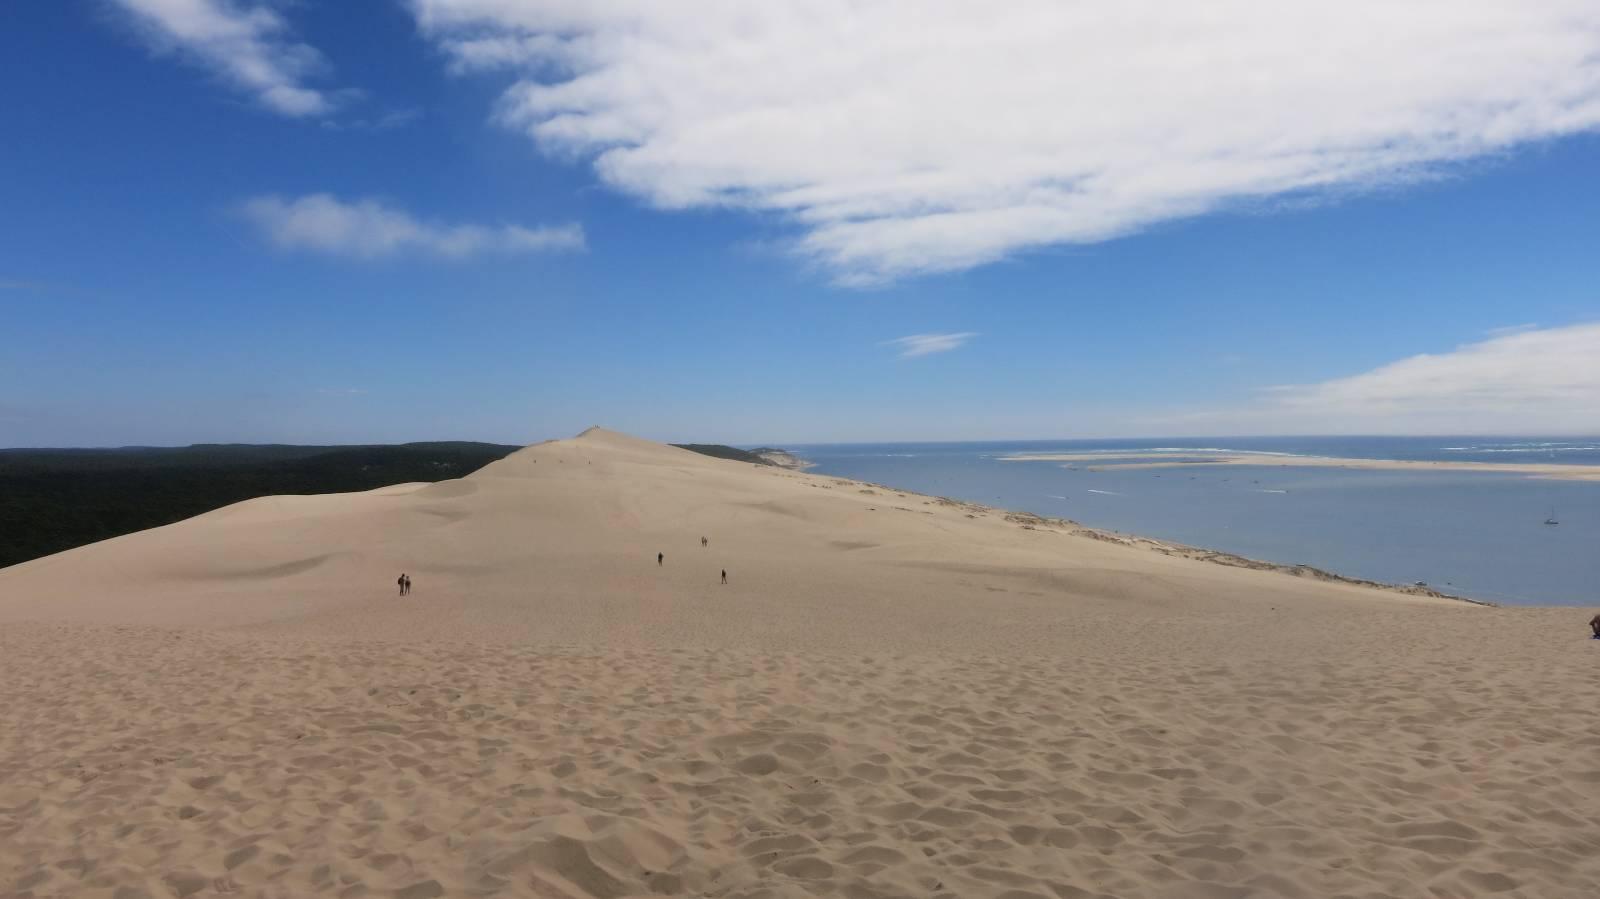 Le bassin d 39 arcachon et la dune du pilat les amoureux du monde - Restaurant dune du pilat ...